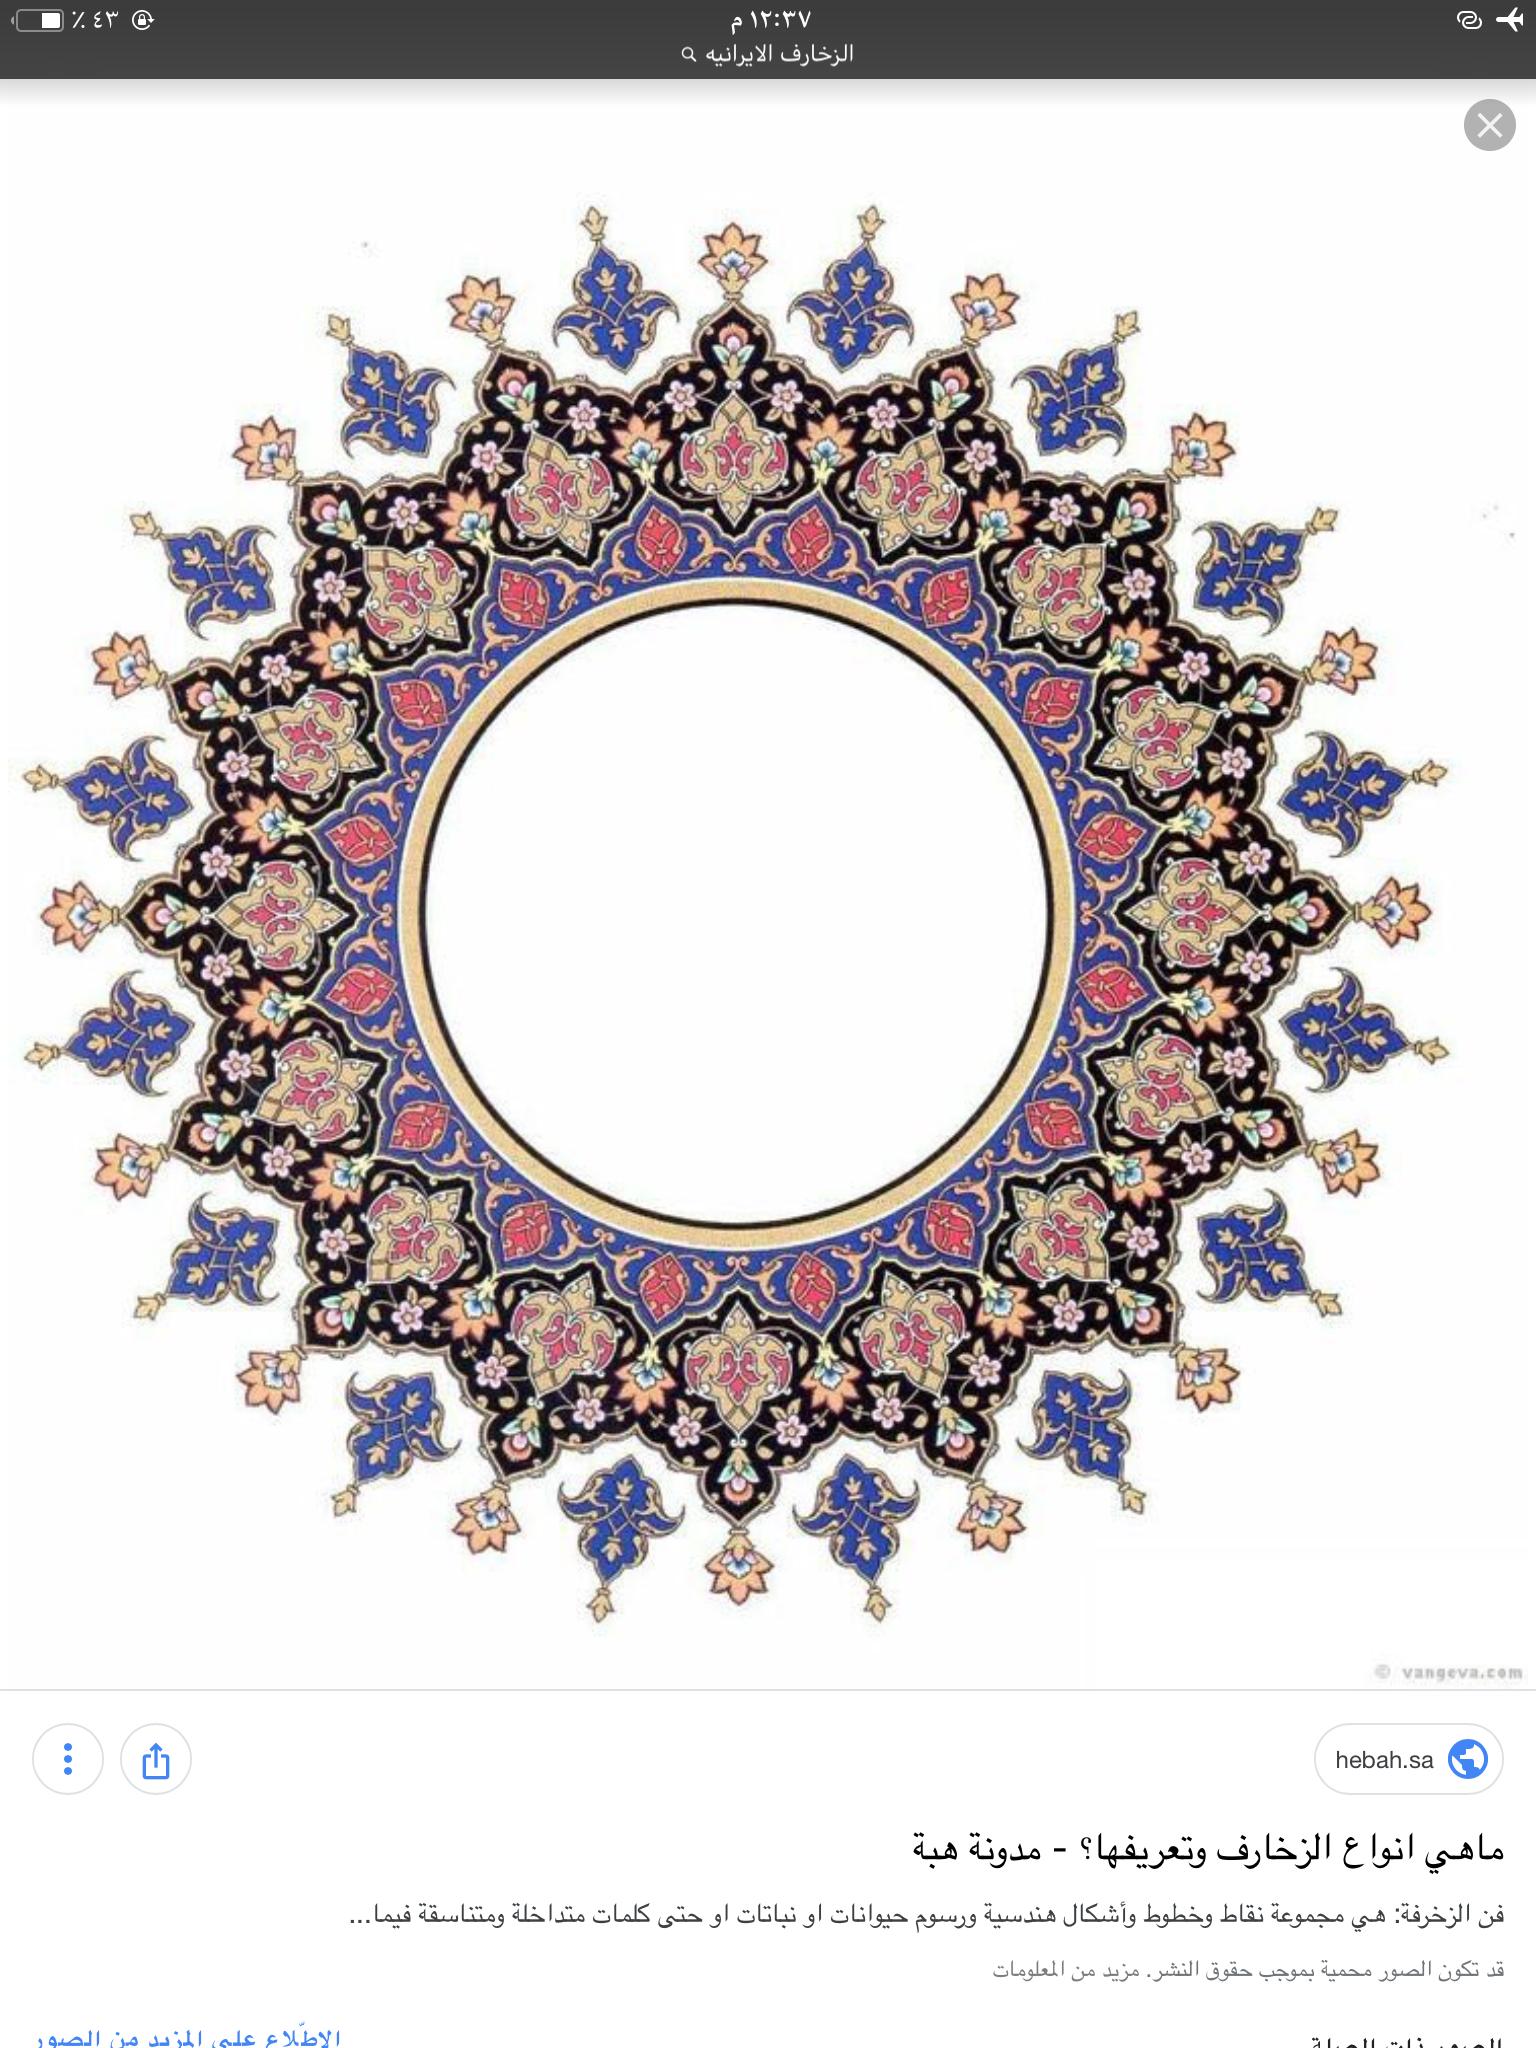 Pin Oleh Maram Di Gh Seni Kaligrafi Ornamen Seni Dinding Buatan Sendiri